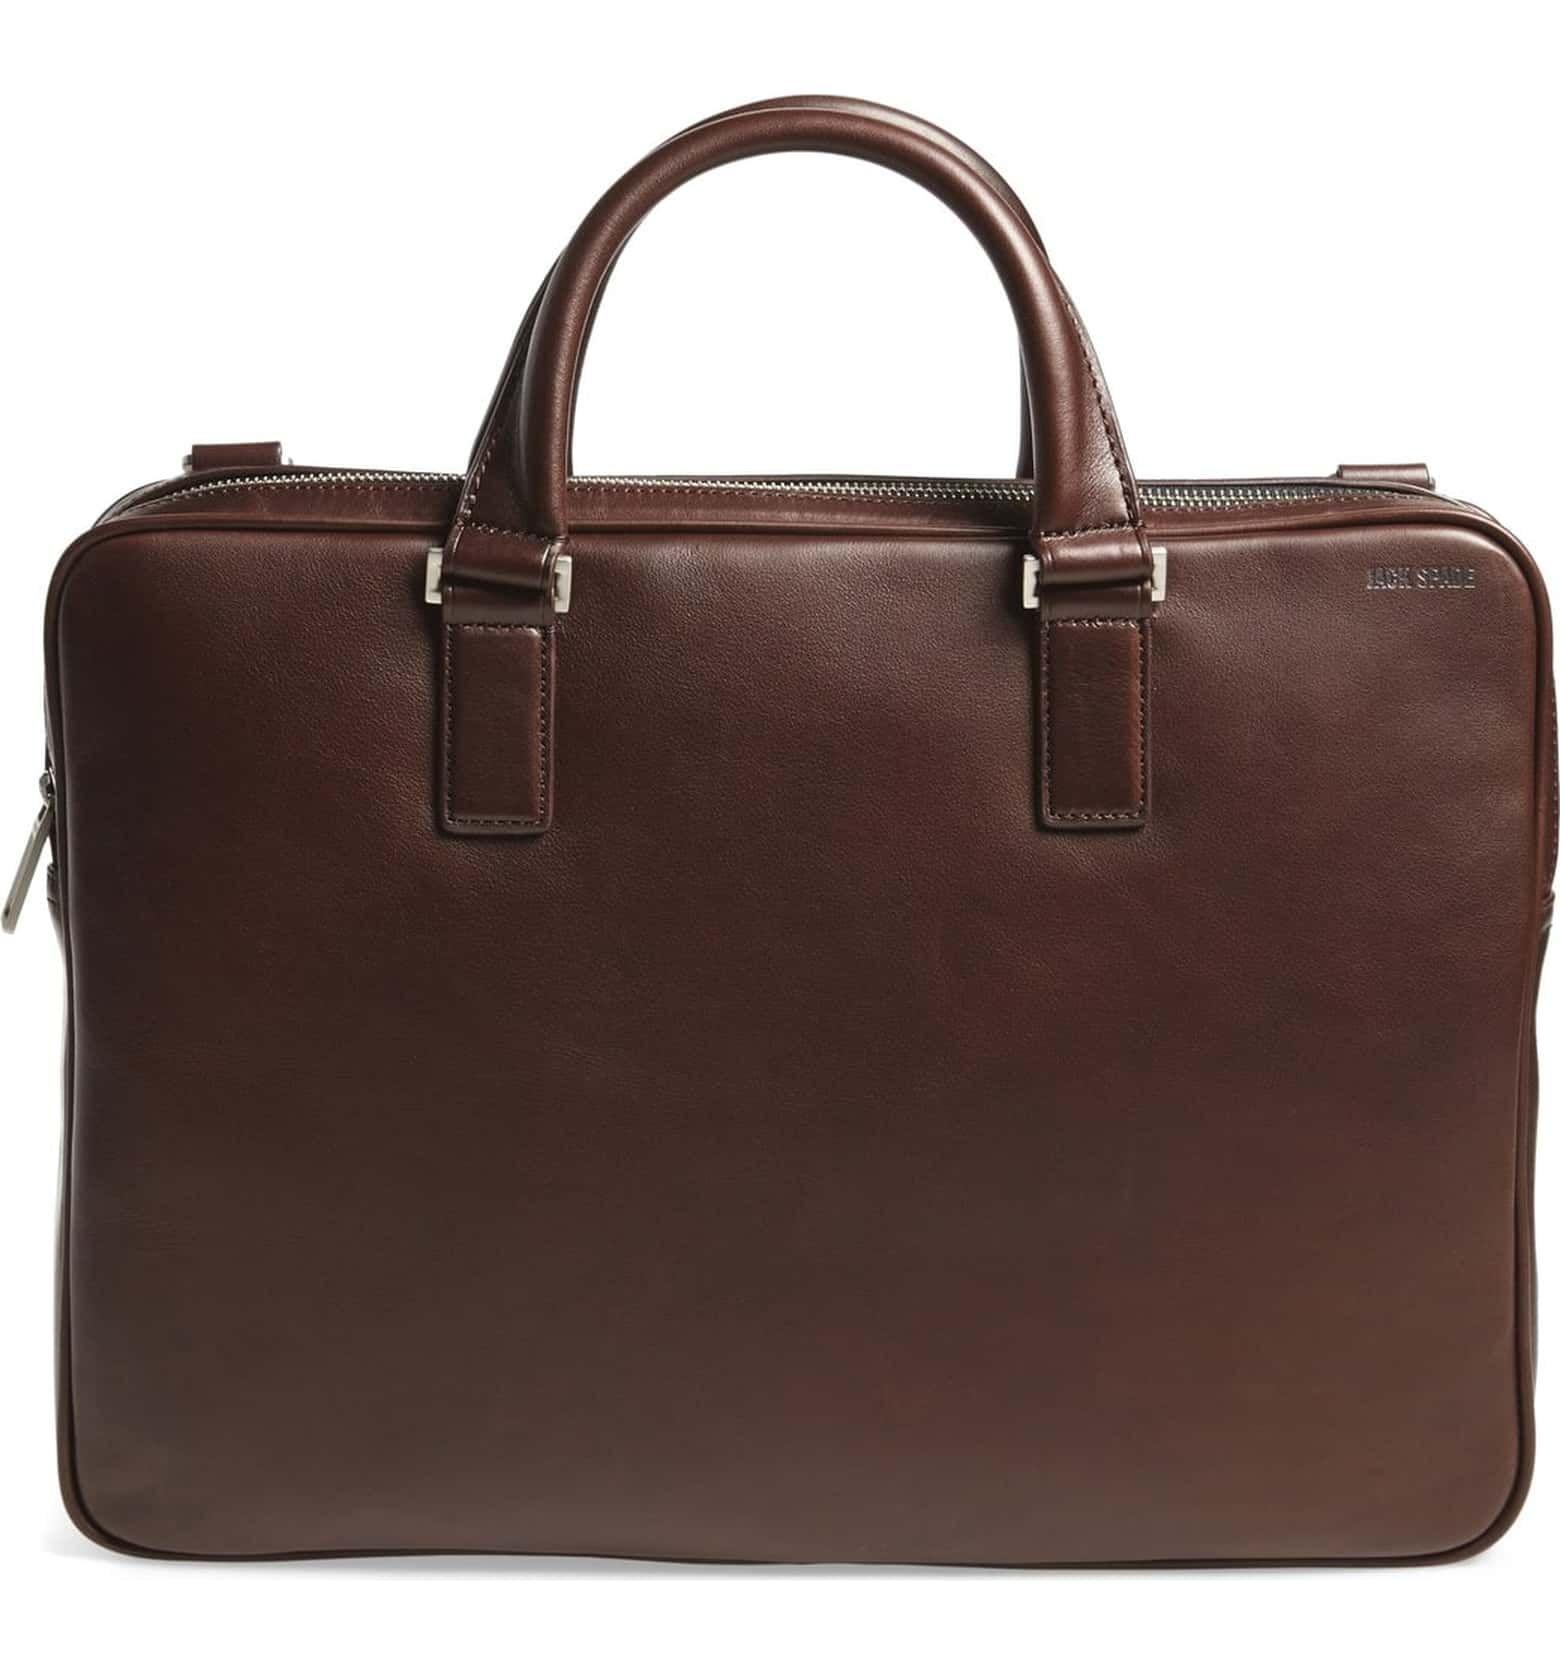 Jack spade fulton briefcase main color 210 jack